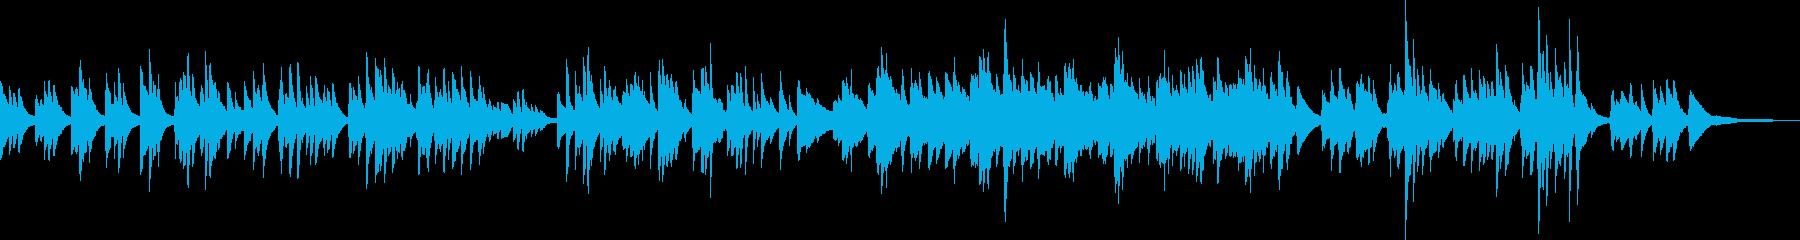 安心感のあるかわいいピアノ曲(キラキラ)の再生済みの波形